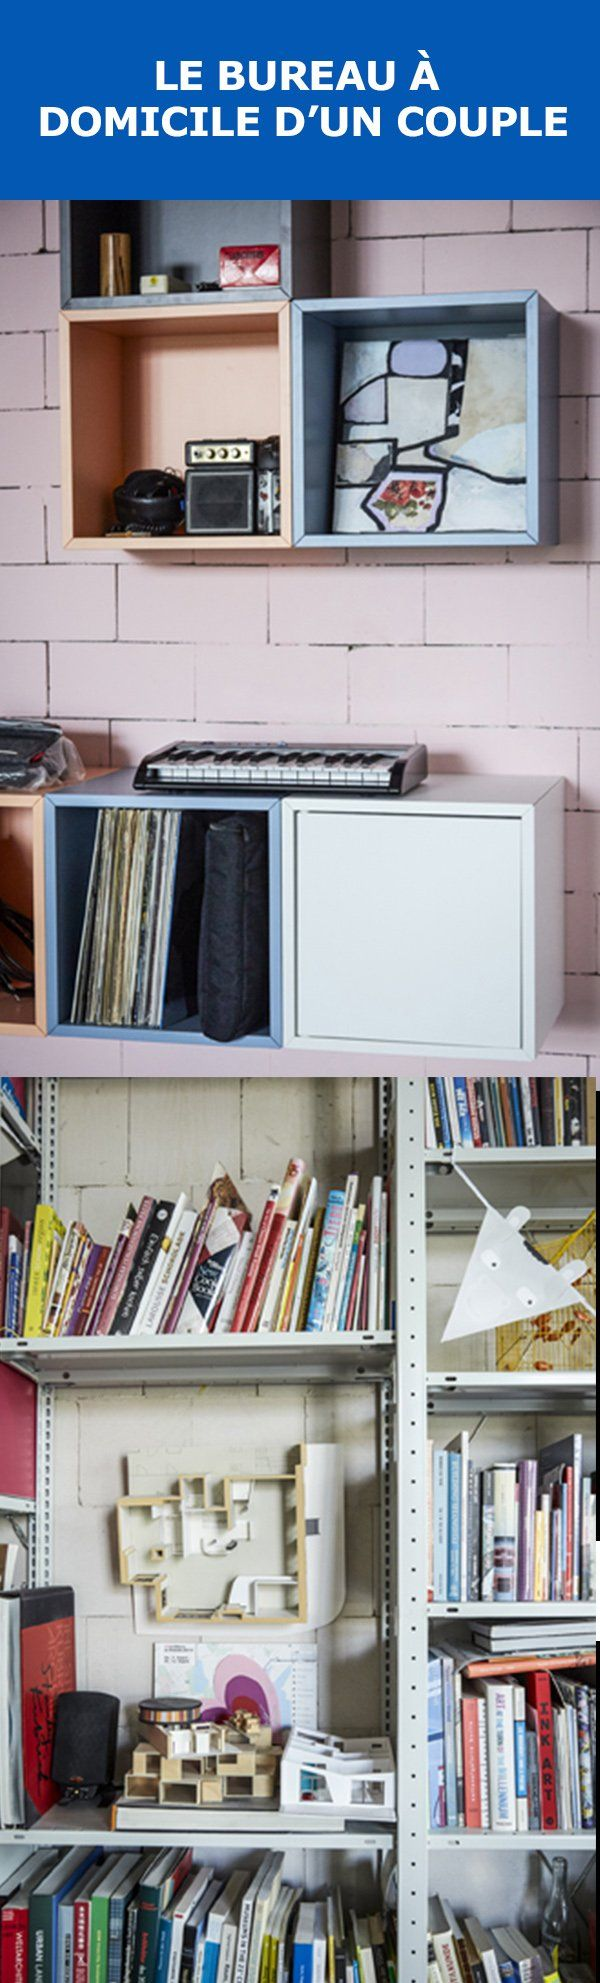 Quand votre maison est aussi votre bureau et votre salle d'exposition, c'est avantageux d'organiser votre espace. Voyez comment l'espace de vie et de travail à aire ouverte de ce couple allie fonctionnalité et créativité.